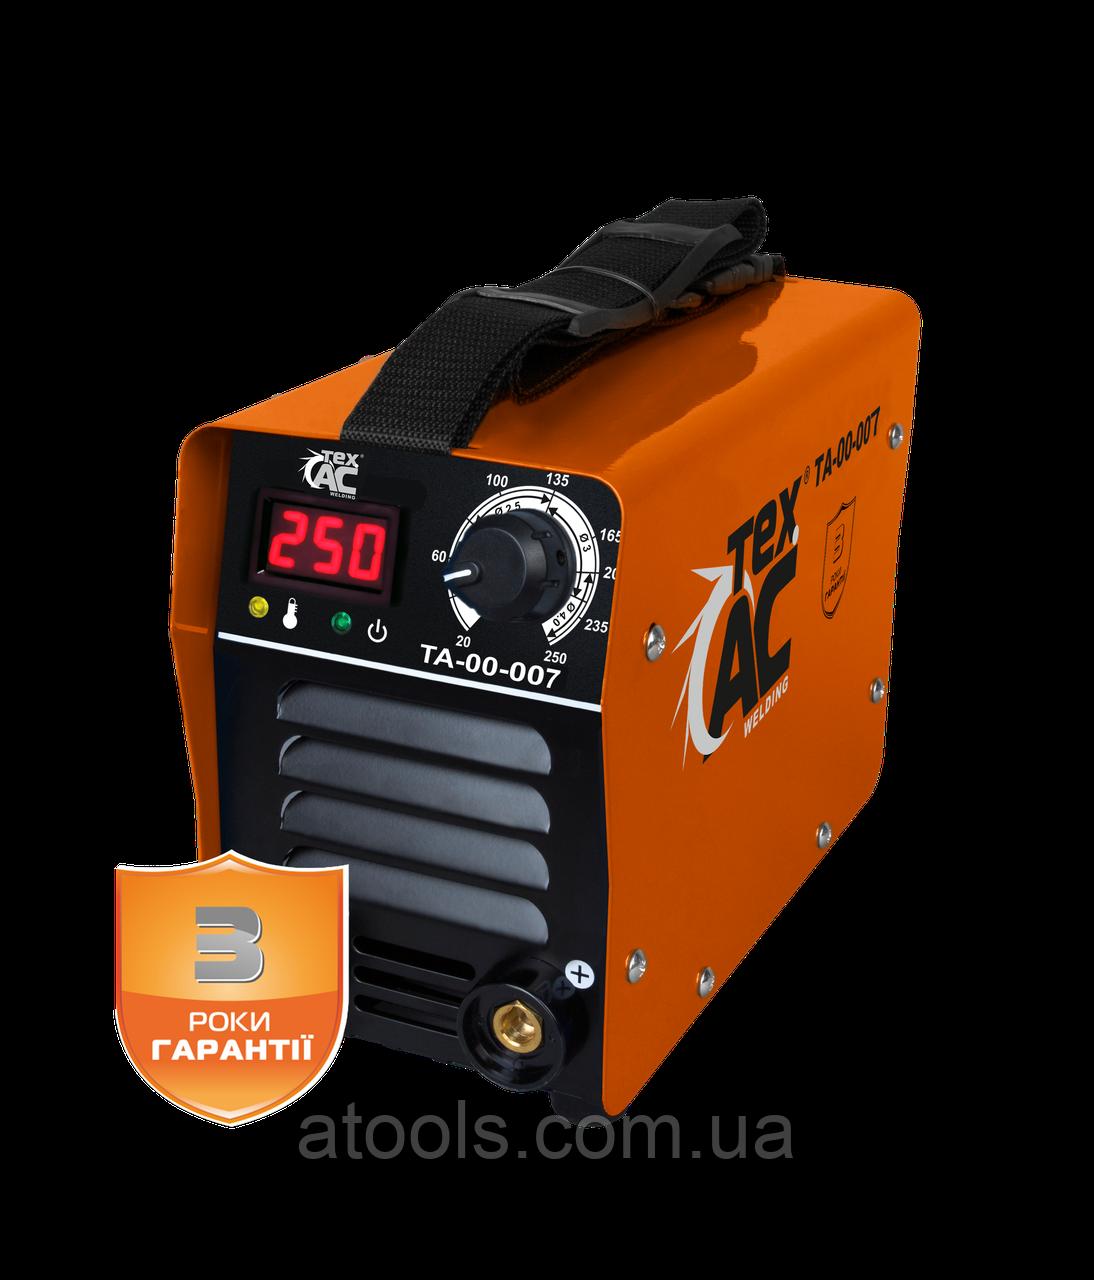 Сварочный аппарат TexAC ММА 250 TA-00-007